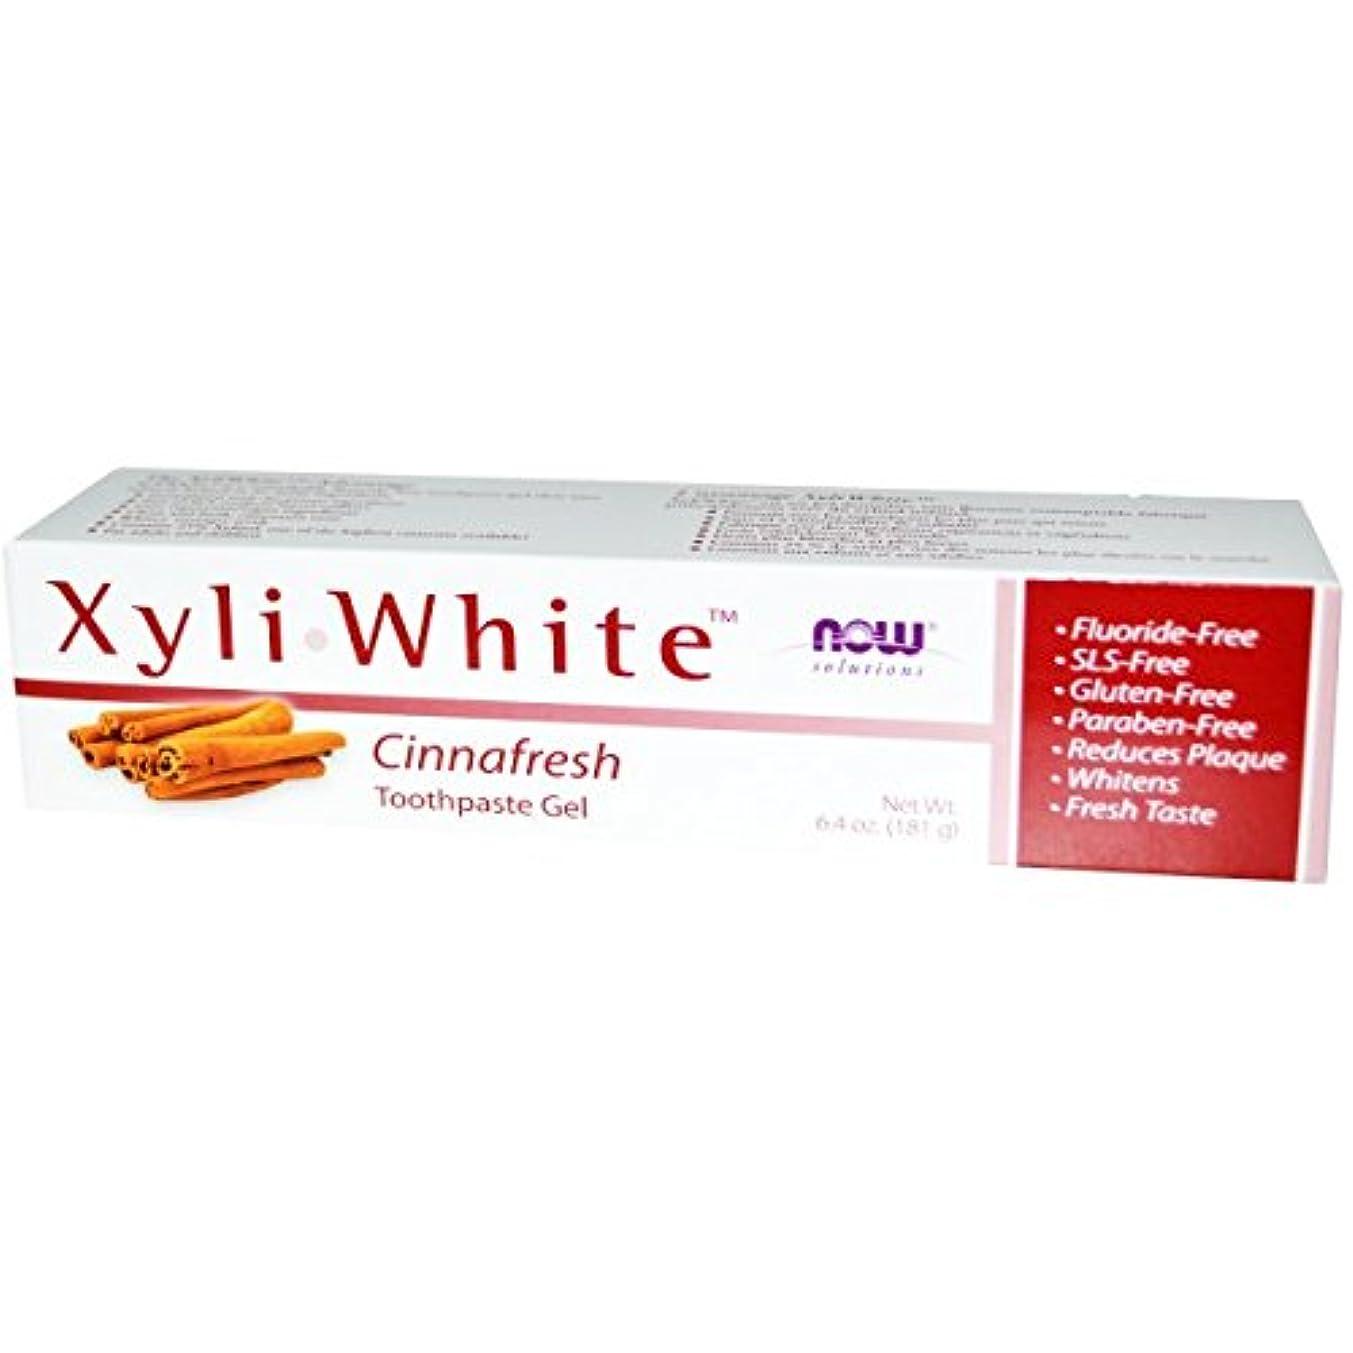 伝染性内陸速度[海外直送品] ナウフーズ(Now Foods) キシリホワイト トゥースペースト(シナフレッシュ) 181g